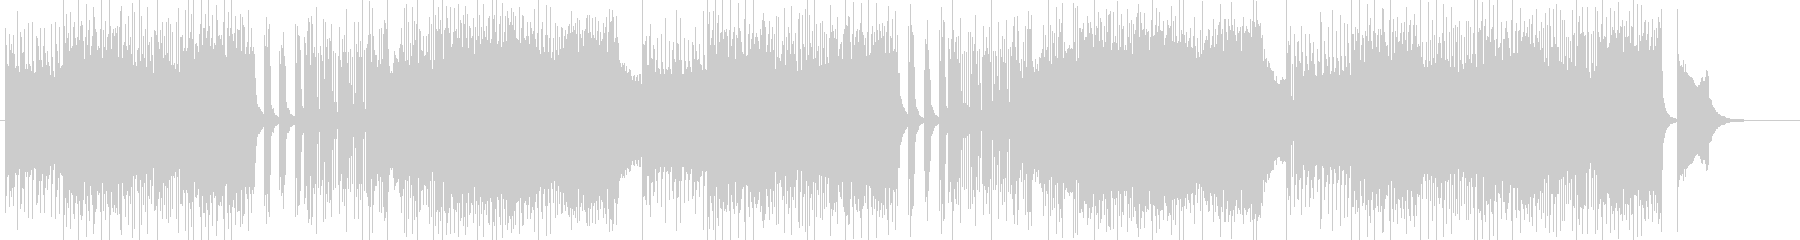 ハードロック、ダークな作曲 BGM257の未再生の波形